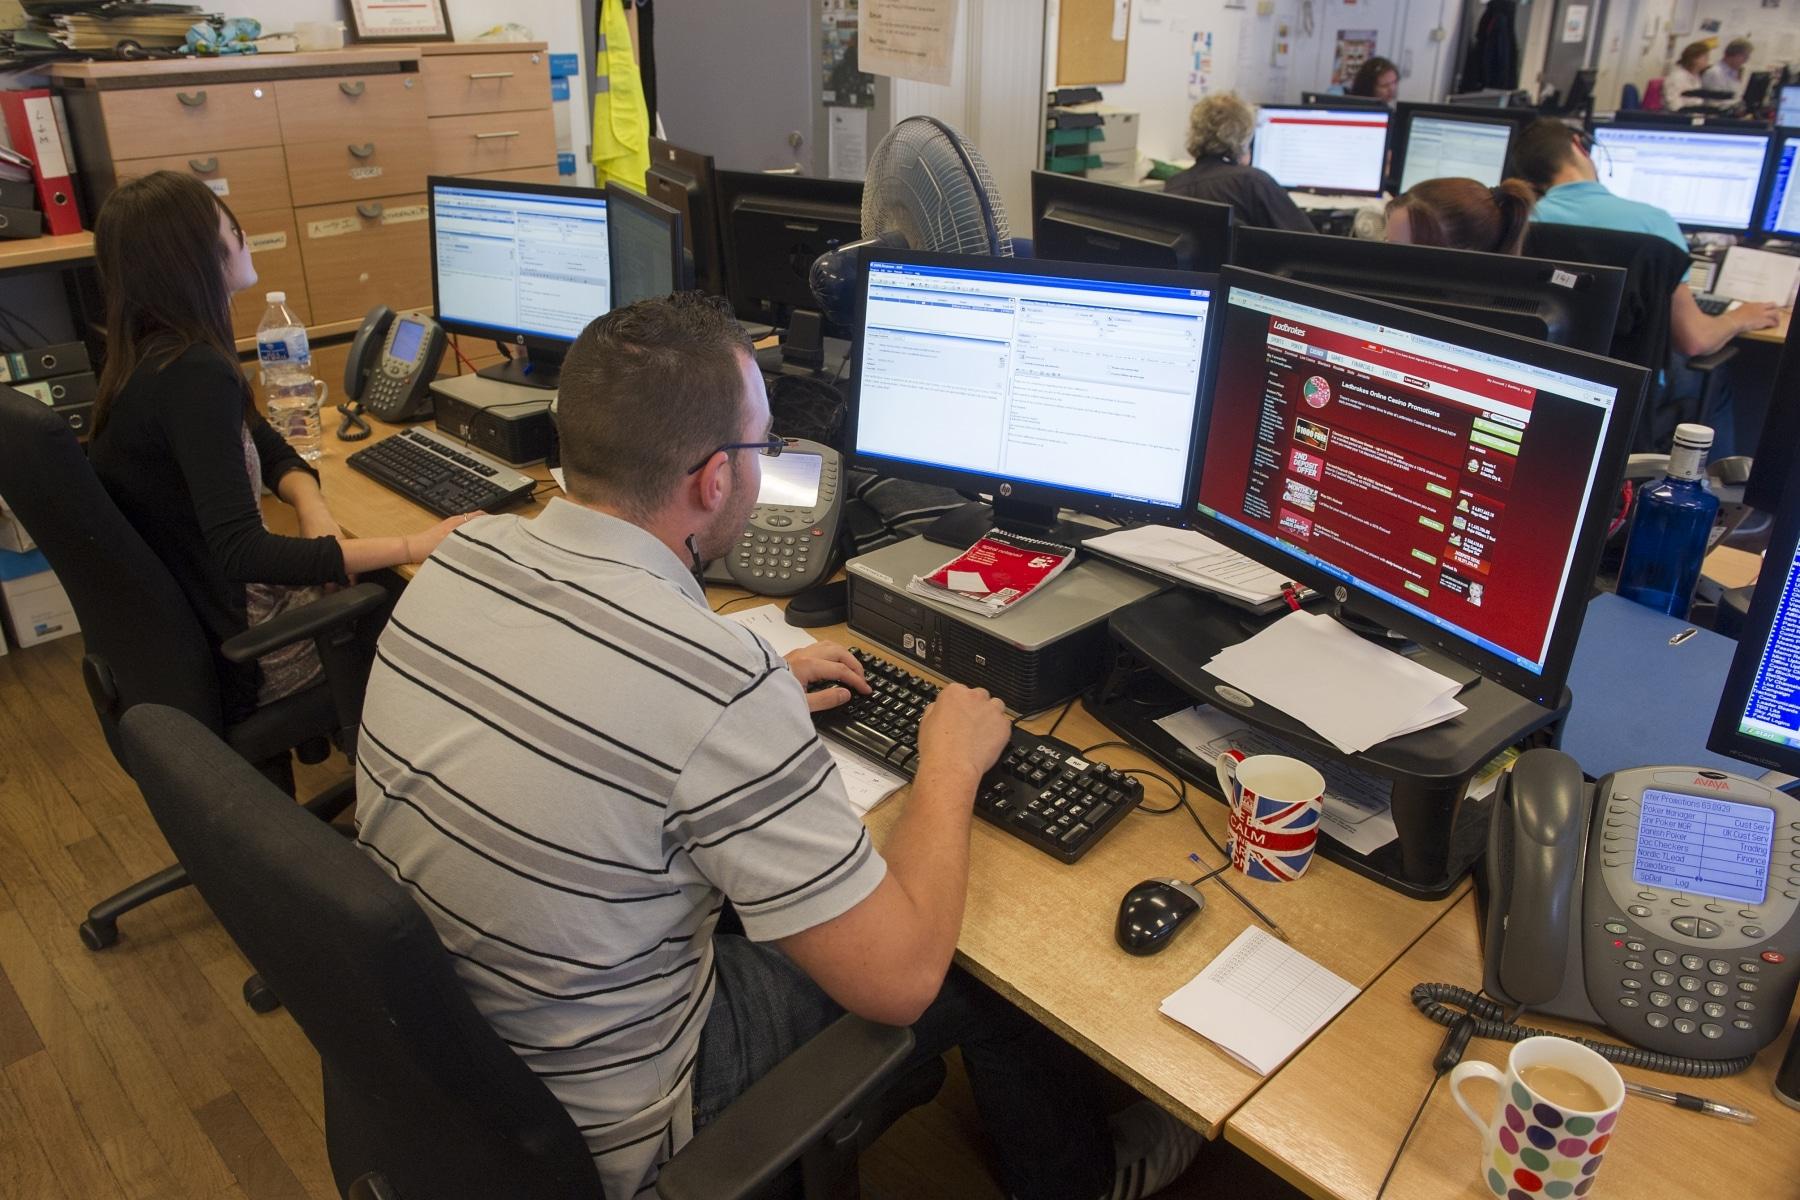 sector-juego-online-ladboke-gibraltar-02_9225058606_o